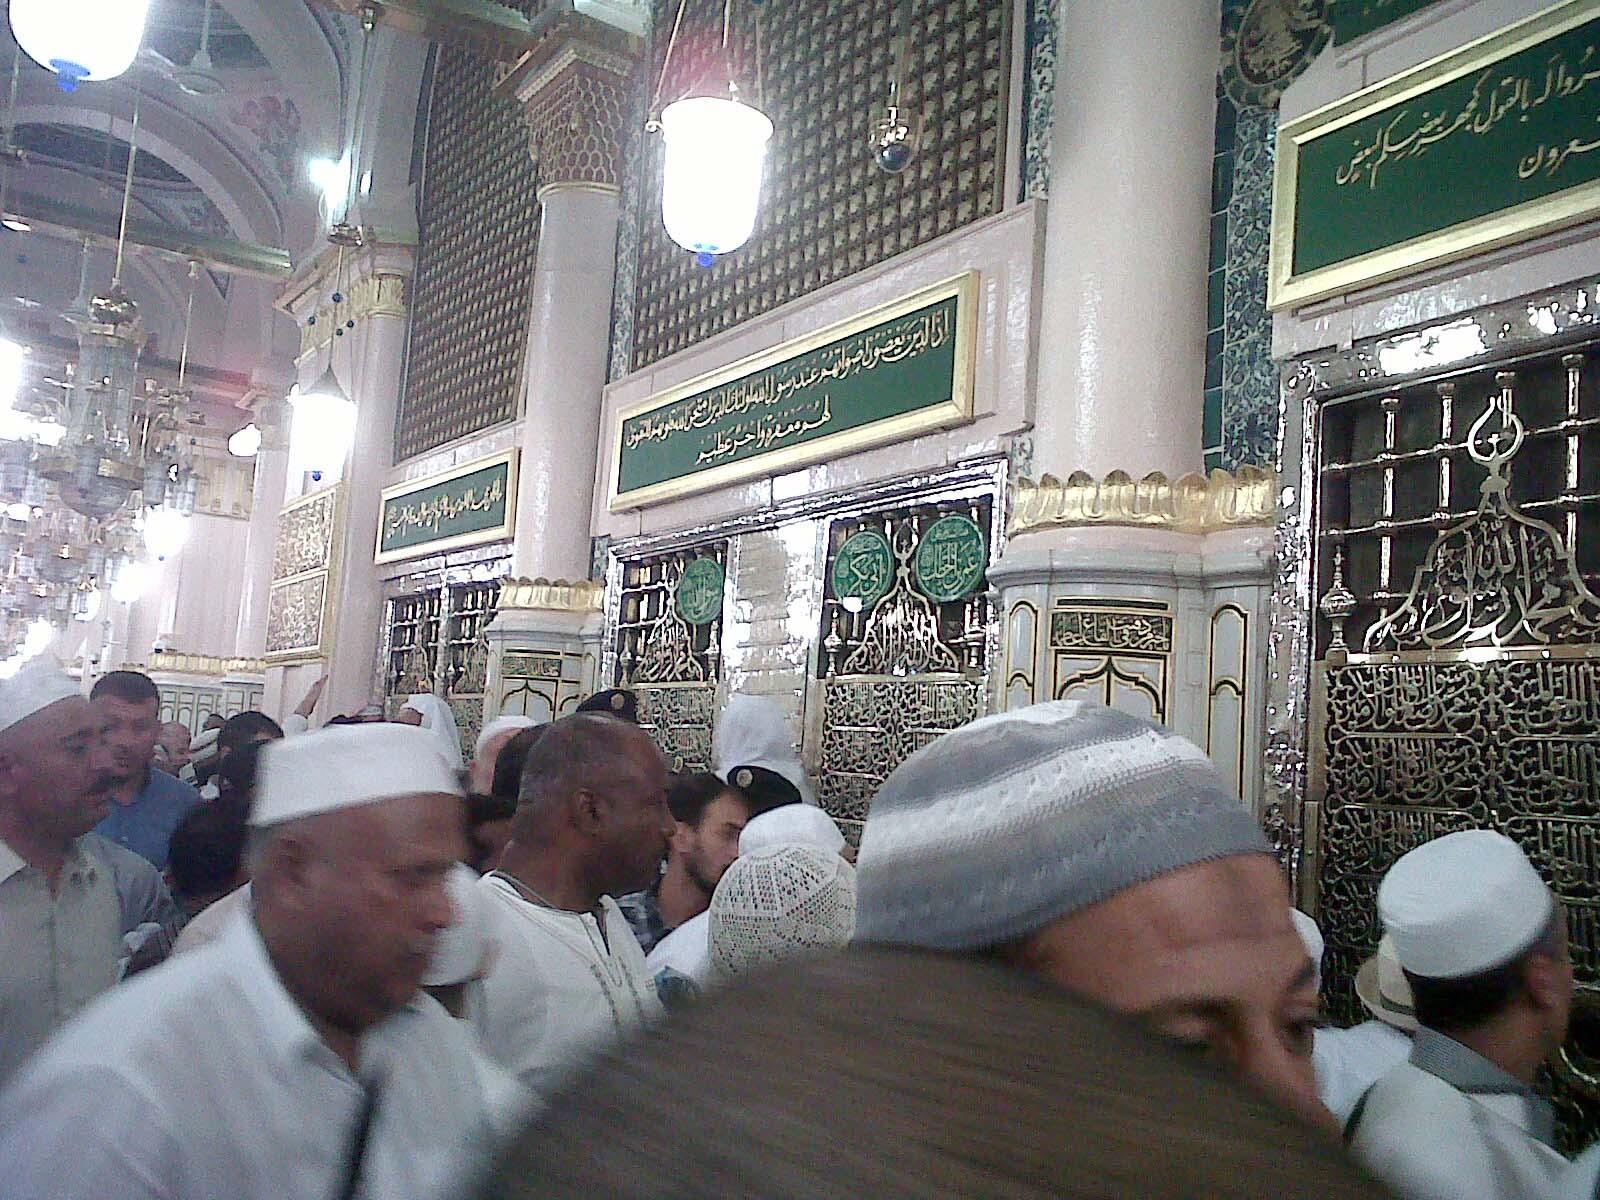 Jamaah Umroh Murah Risalah Madina di Depan Makam Rasulullah SAW di Masjid Nabawi